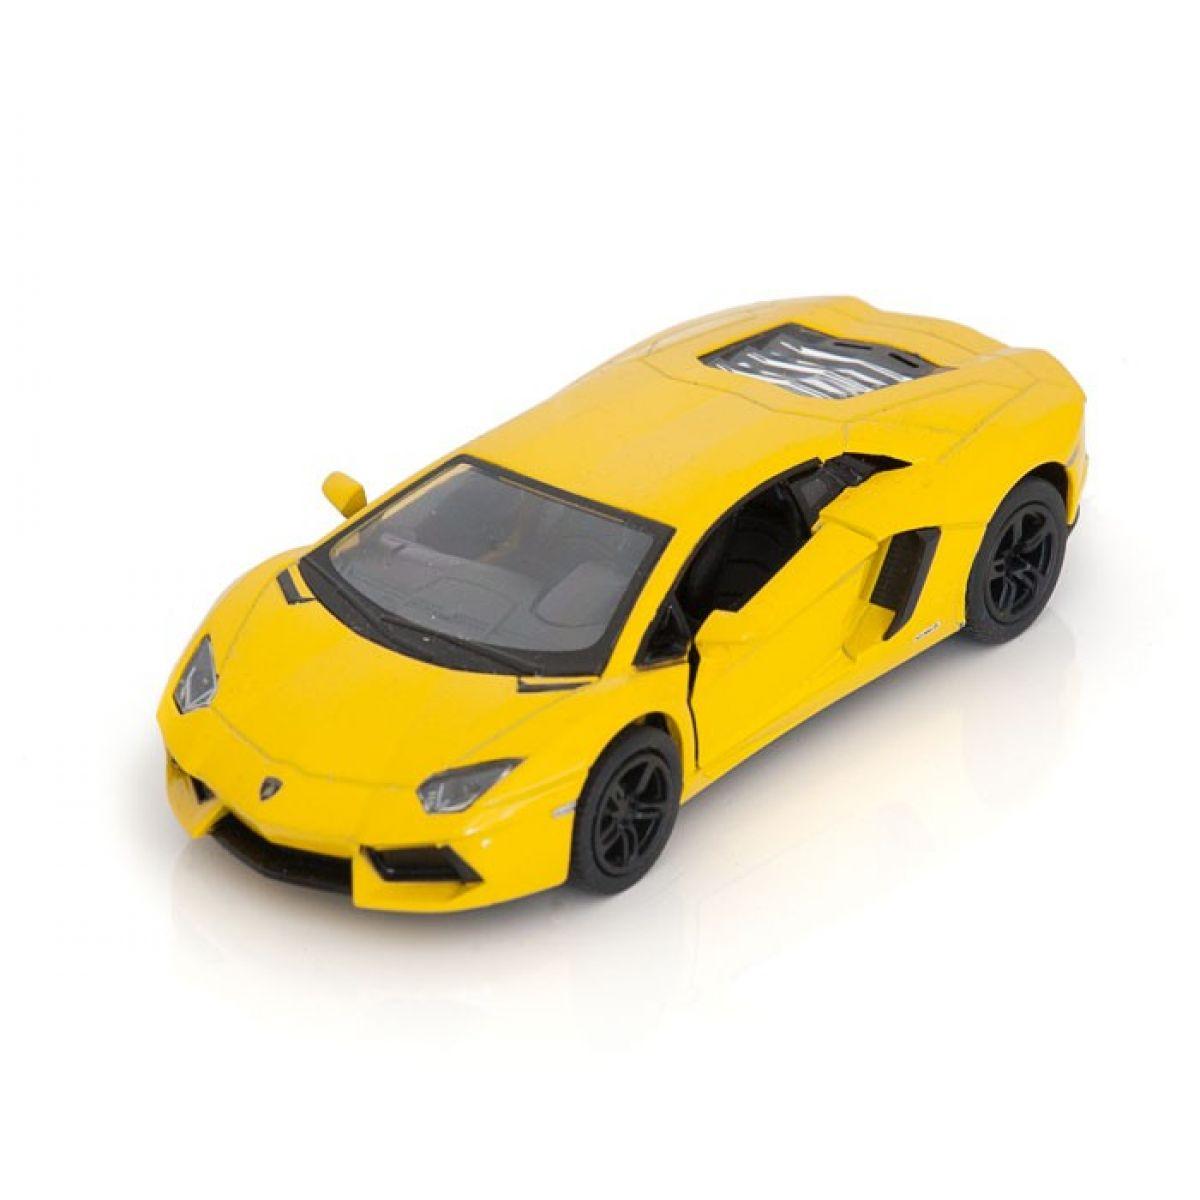 Kinsmart Auto Lamborghini Aventador na zpětné natažení 13cm - Žlutá